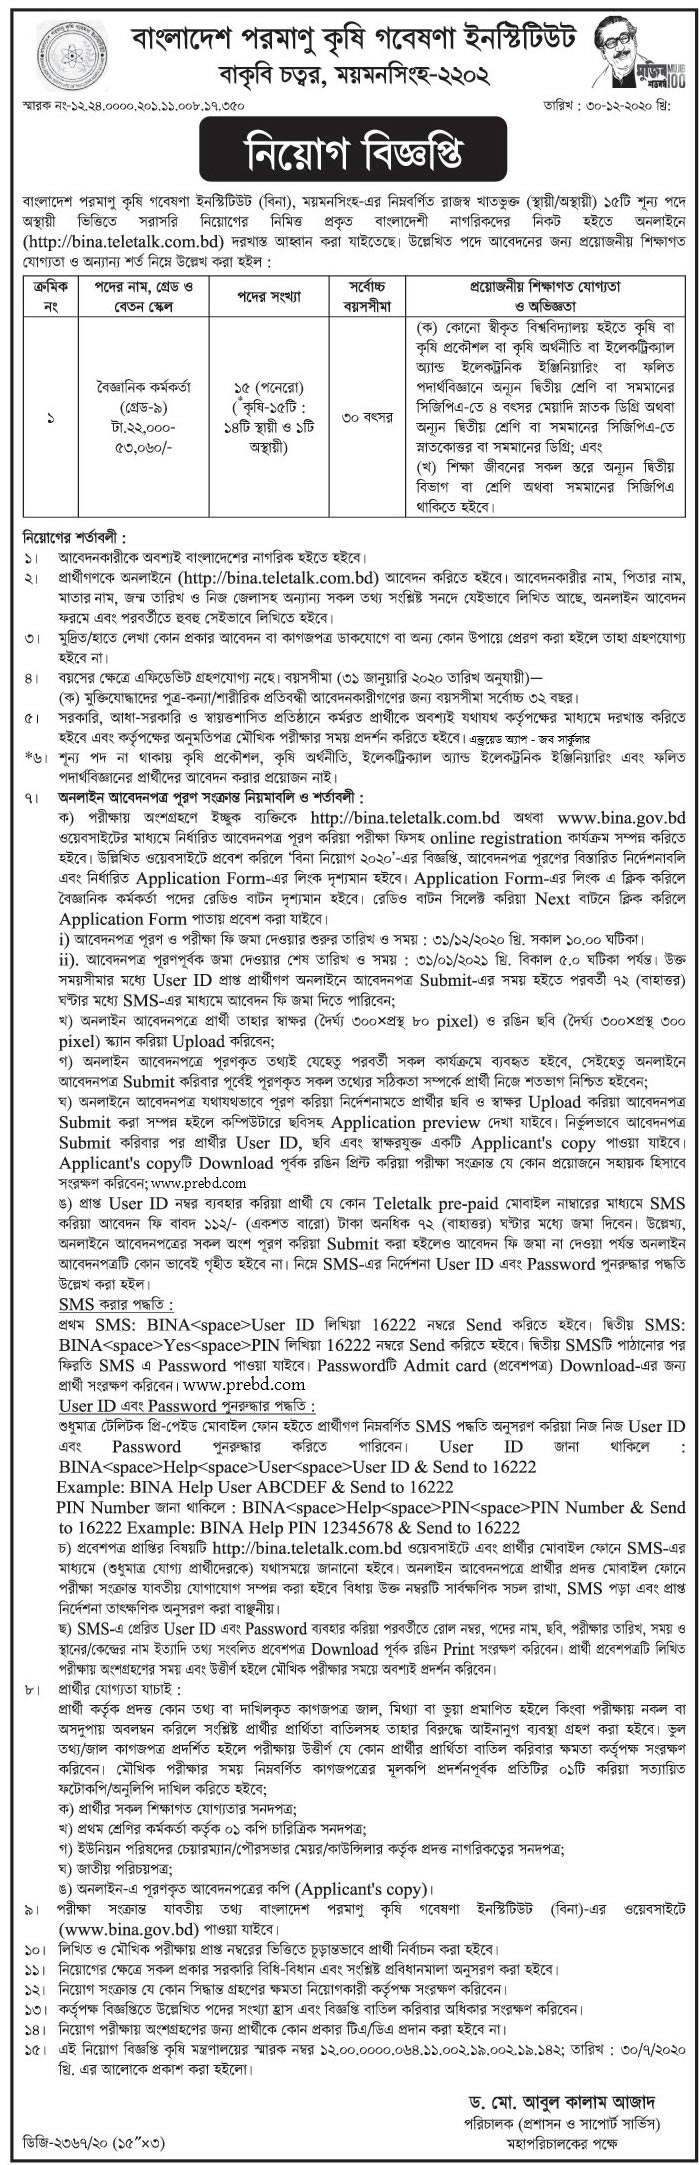 বাংলাদেশ পরমাণু কৃষি গবেষণা ইনস্টিটিউট (BINA) এ নিয়োগ বিজ্ঞপ্তি ২০২১   www.bina.gov.bd Job Circular 2021